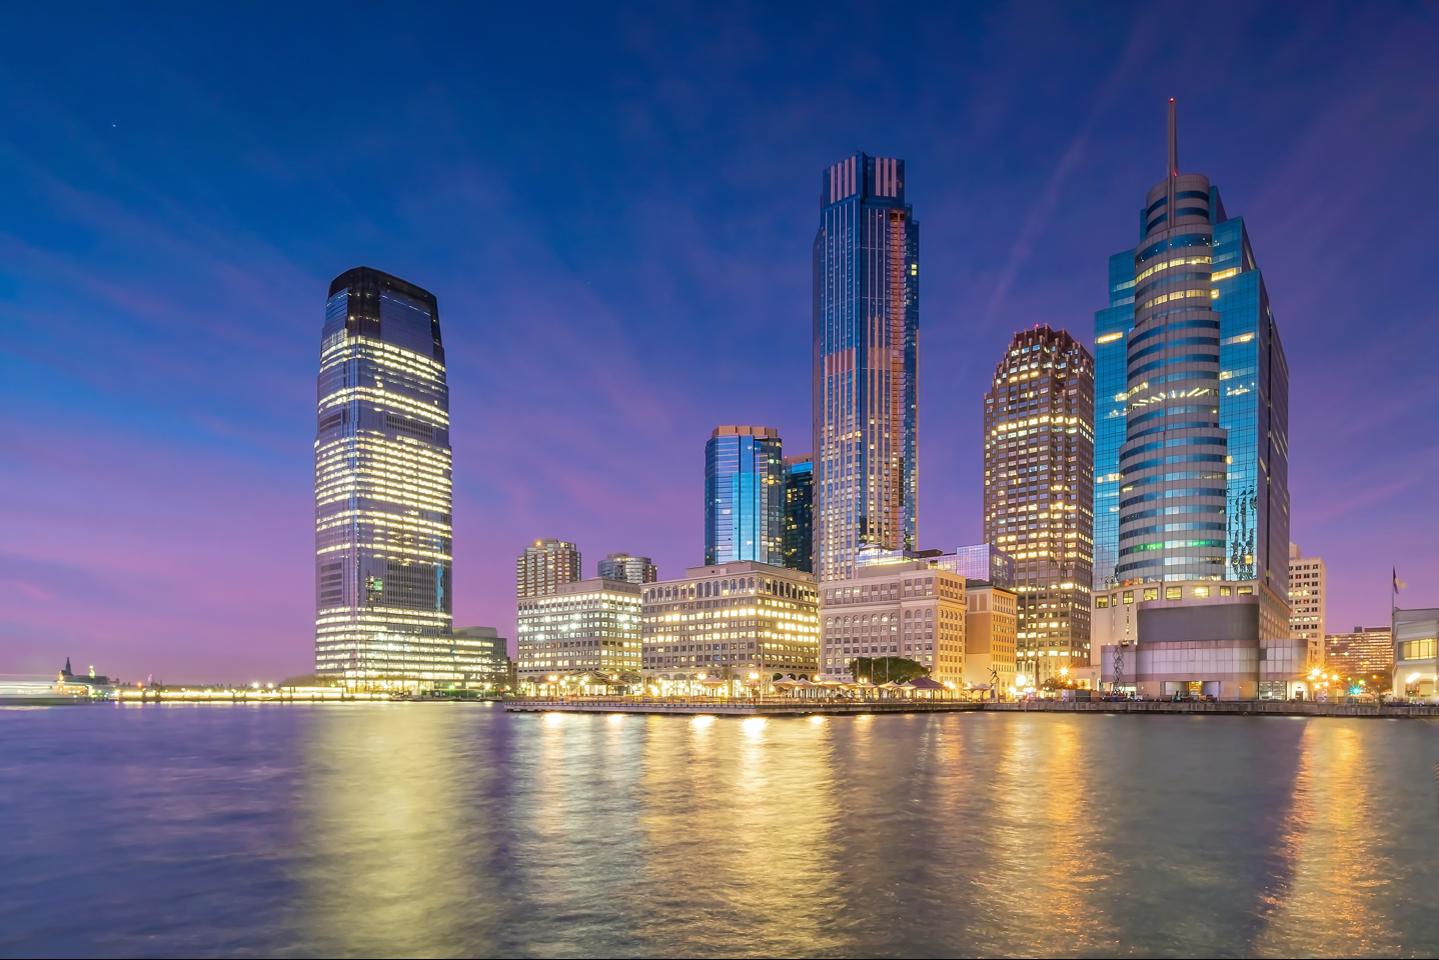 jersey city skyline image